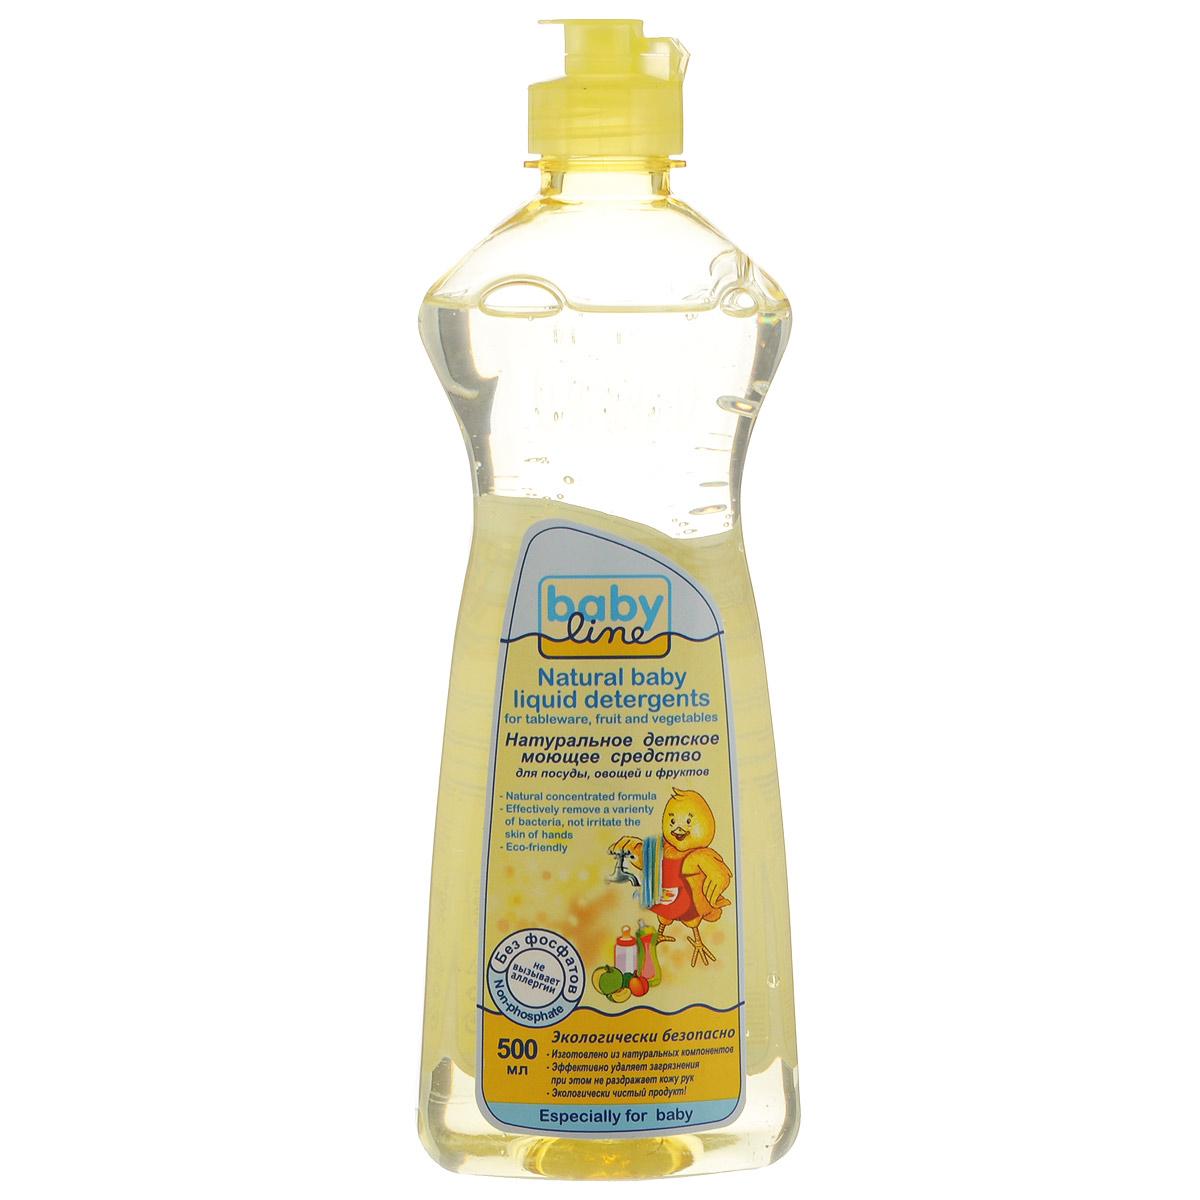 BabyLine Детское моющее средство для посуды, овощей и фруктов, 500 млDB040Натуральное детское моющее средство BabyLine изготовлено из натурального сырья и компонентов, используемых в производстве продуктов питания, поэтому полностью безопасно для младенцев с первых дней жизни. Средство на травяной основе эффективно и деликатно удаляет пищевые загрязнения и бактерии с детской посуды, сосок и т.п. Без фосфатов, не вызывает аллергии. Экологически чистый продукт.Способ применения: нанести несколько капель на губку, удалить загрязнение и ополосните водой. Для мытья овощей и фруктов разбавьте средство водой, размешайте и замочите продукты на 3 минуты, затем аккуратно ополосните их кипяченной водой. Товар сертифицирован.